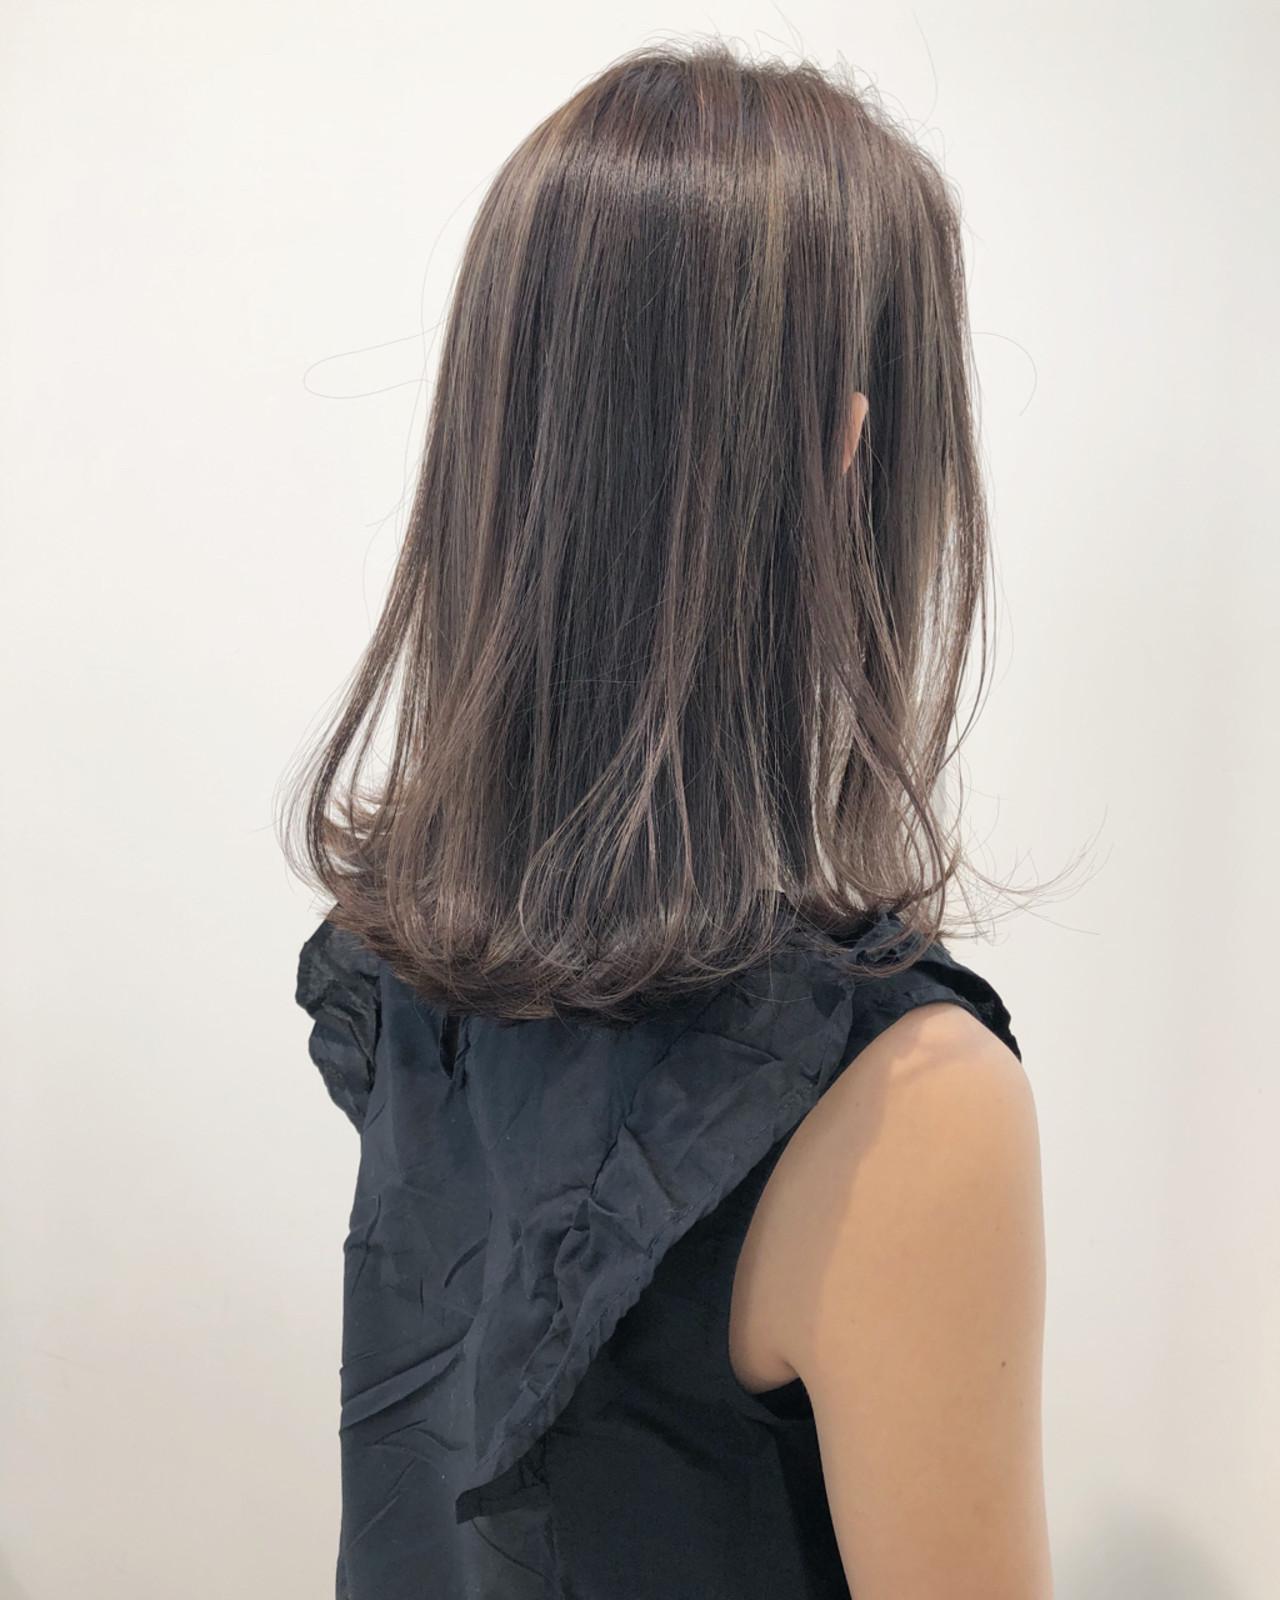 ハイライト グレージュ フェミニン ナチュラル ヘアスタイルや髪型の写真・画像 | 市岡 久 / BLANCOtres